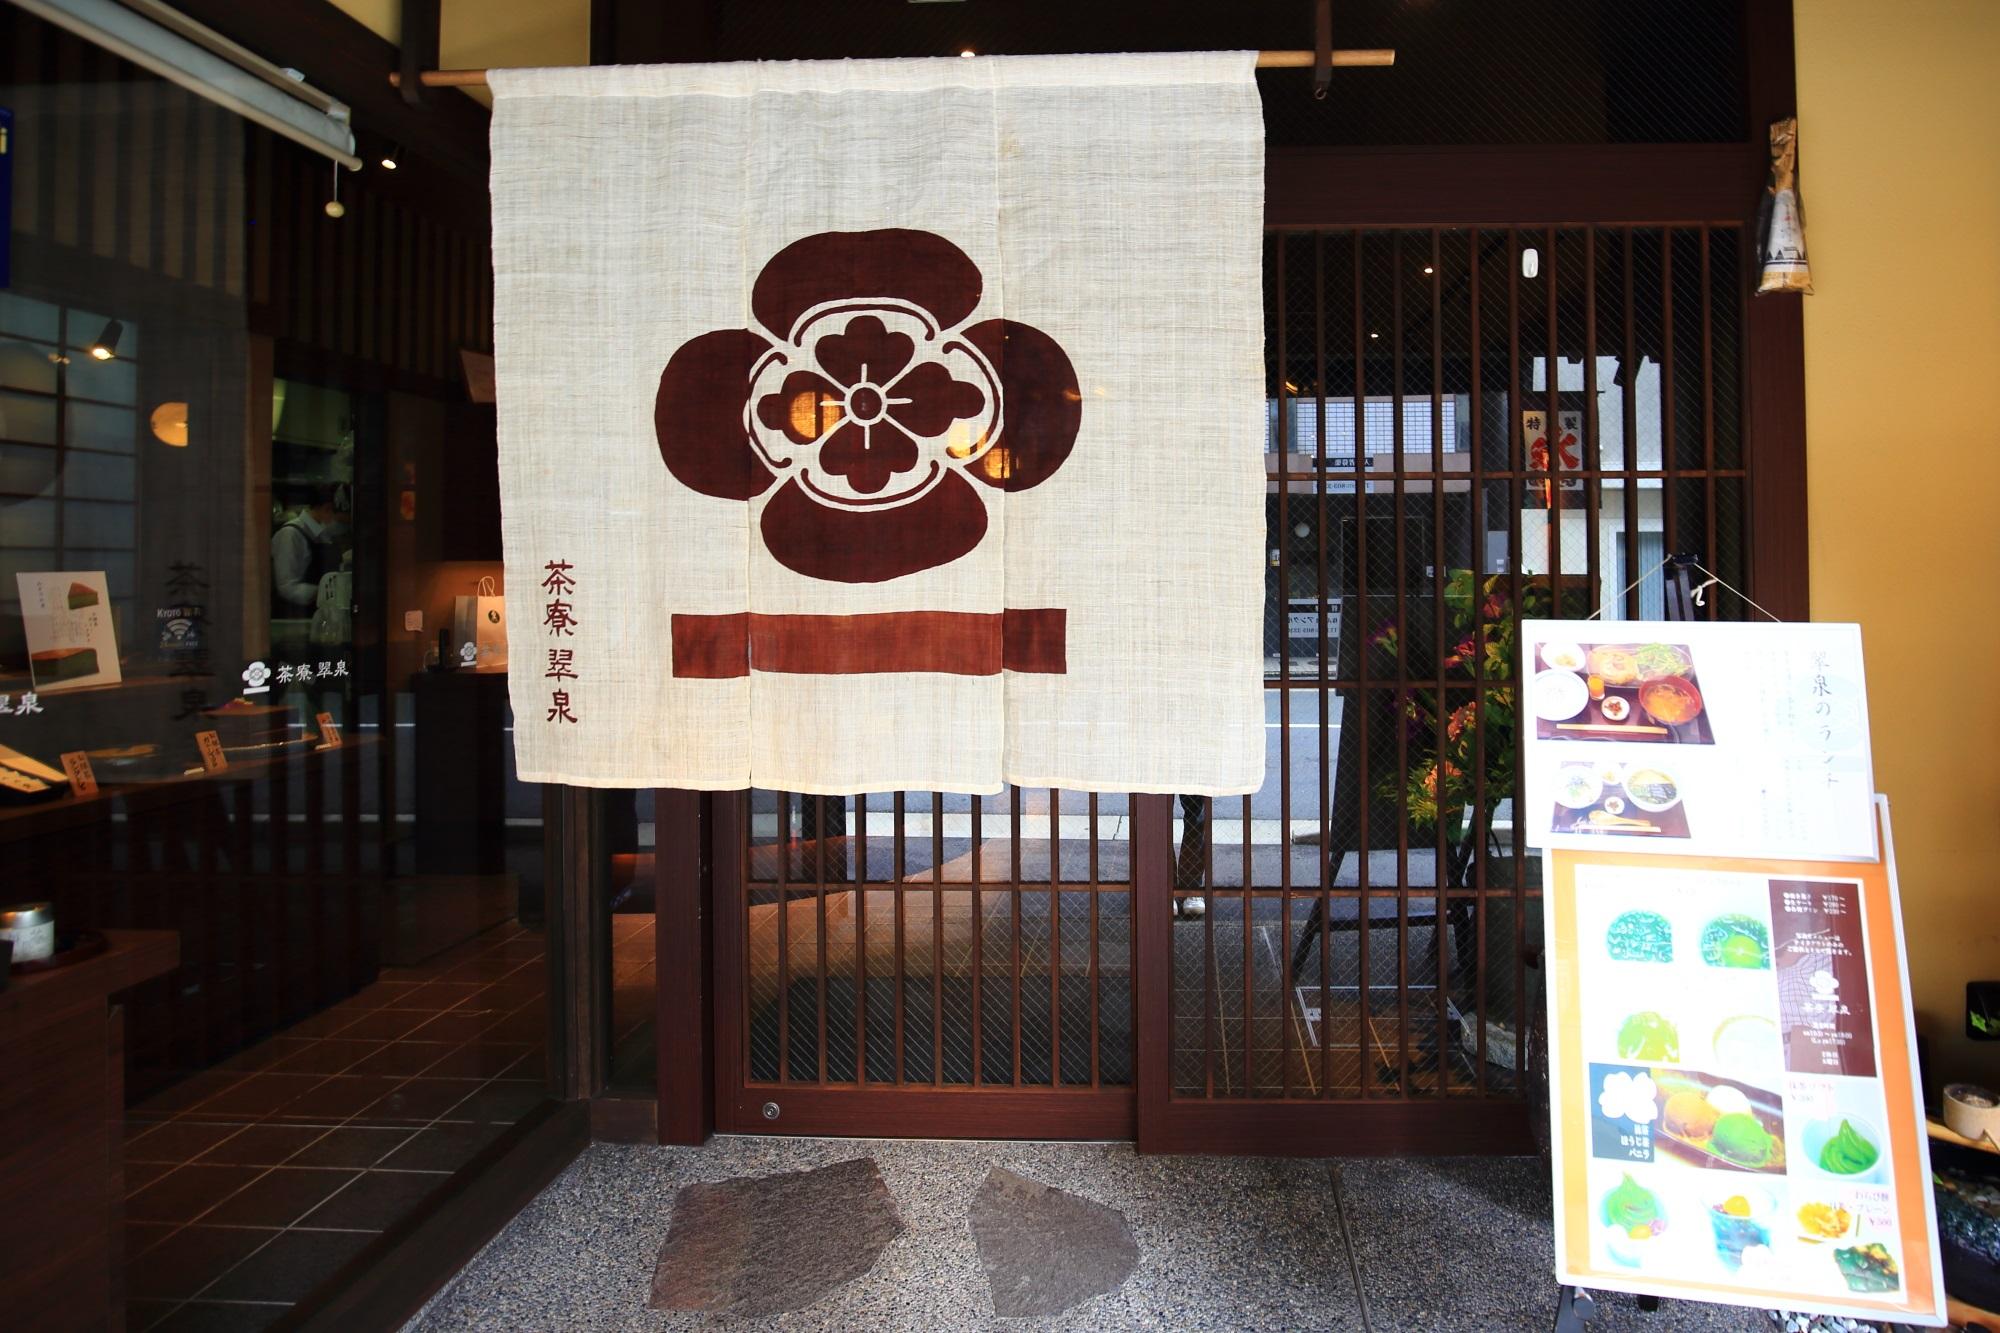 甘味処の茶寮翠泉(さりょうすいせん)